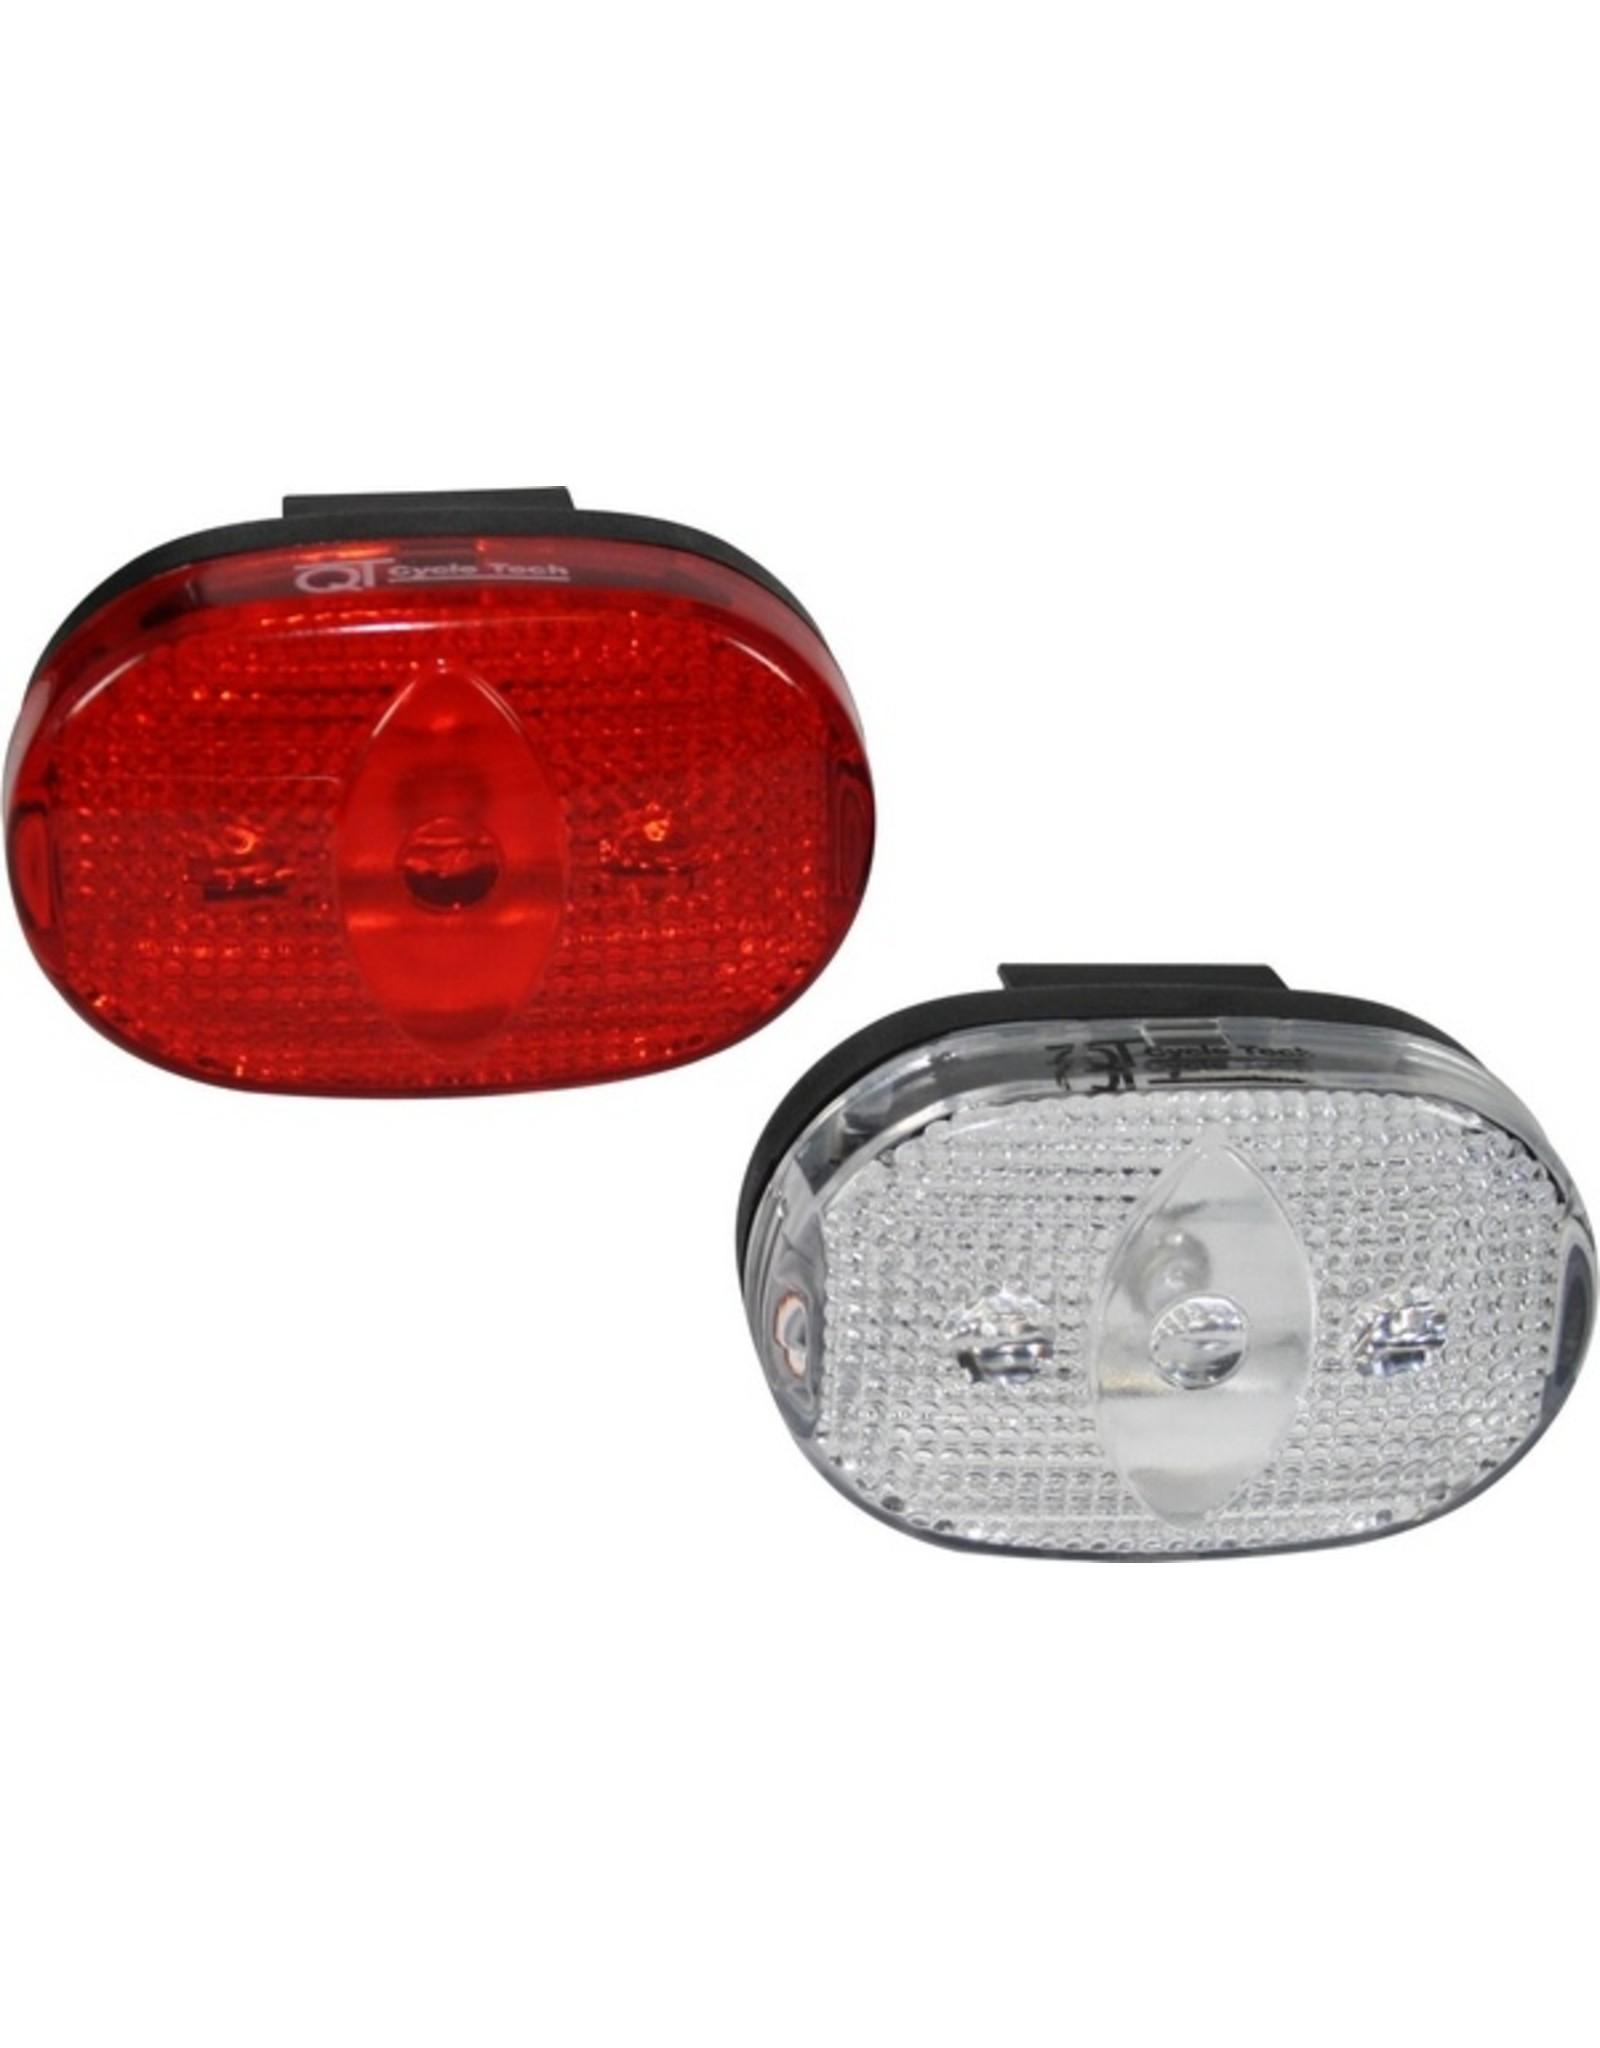 QT  Lichtset - witte en rode leds